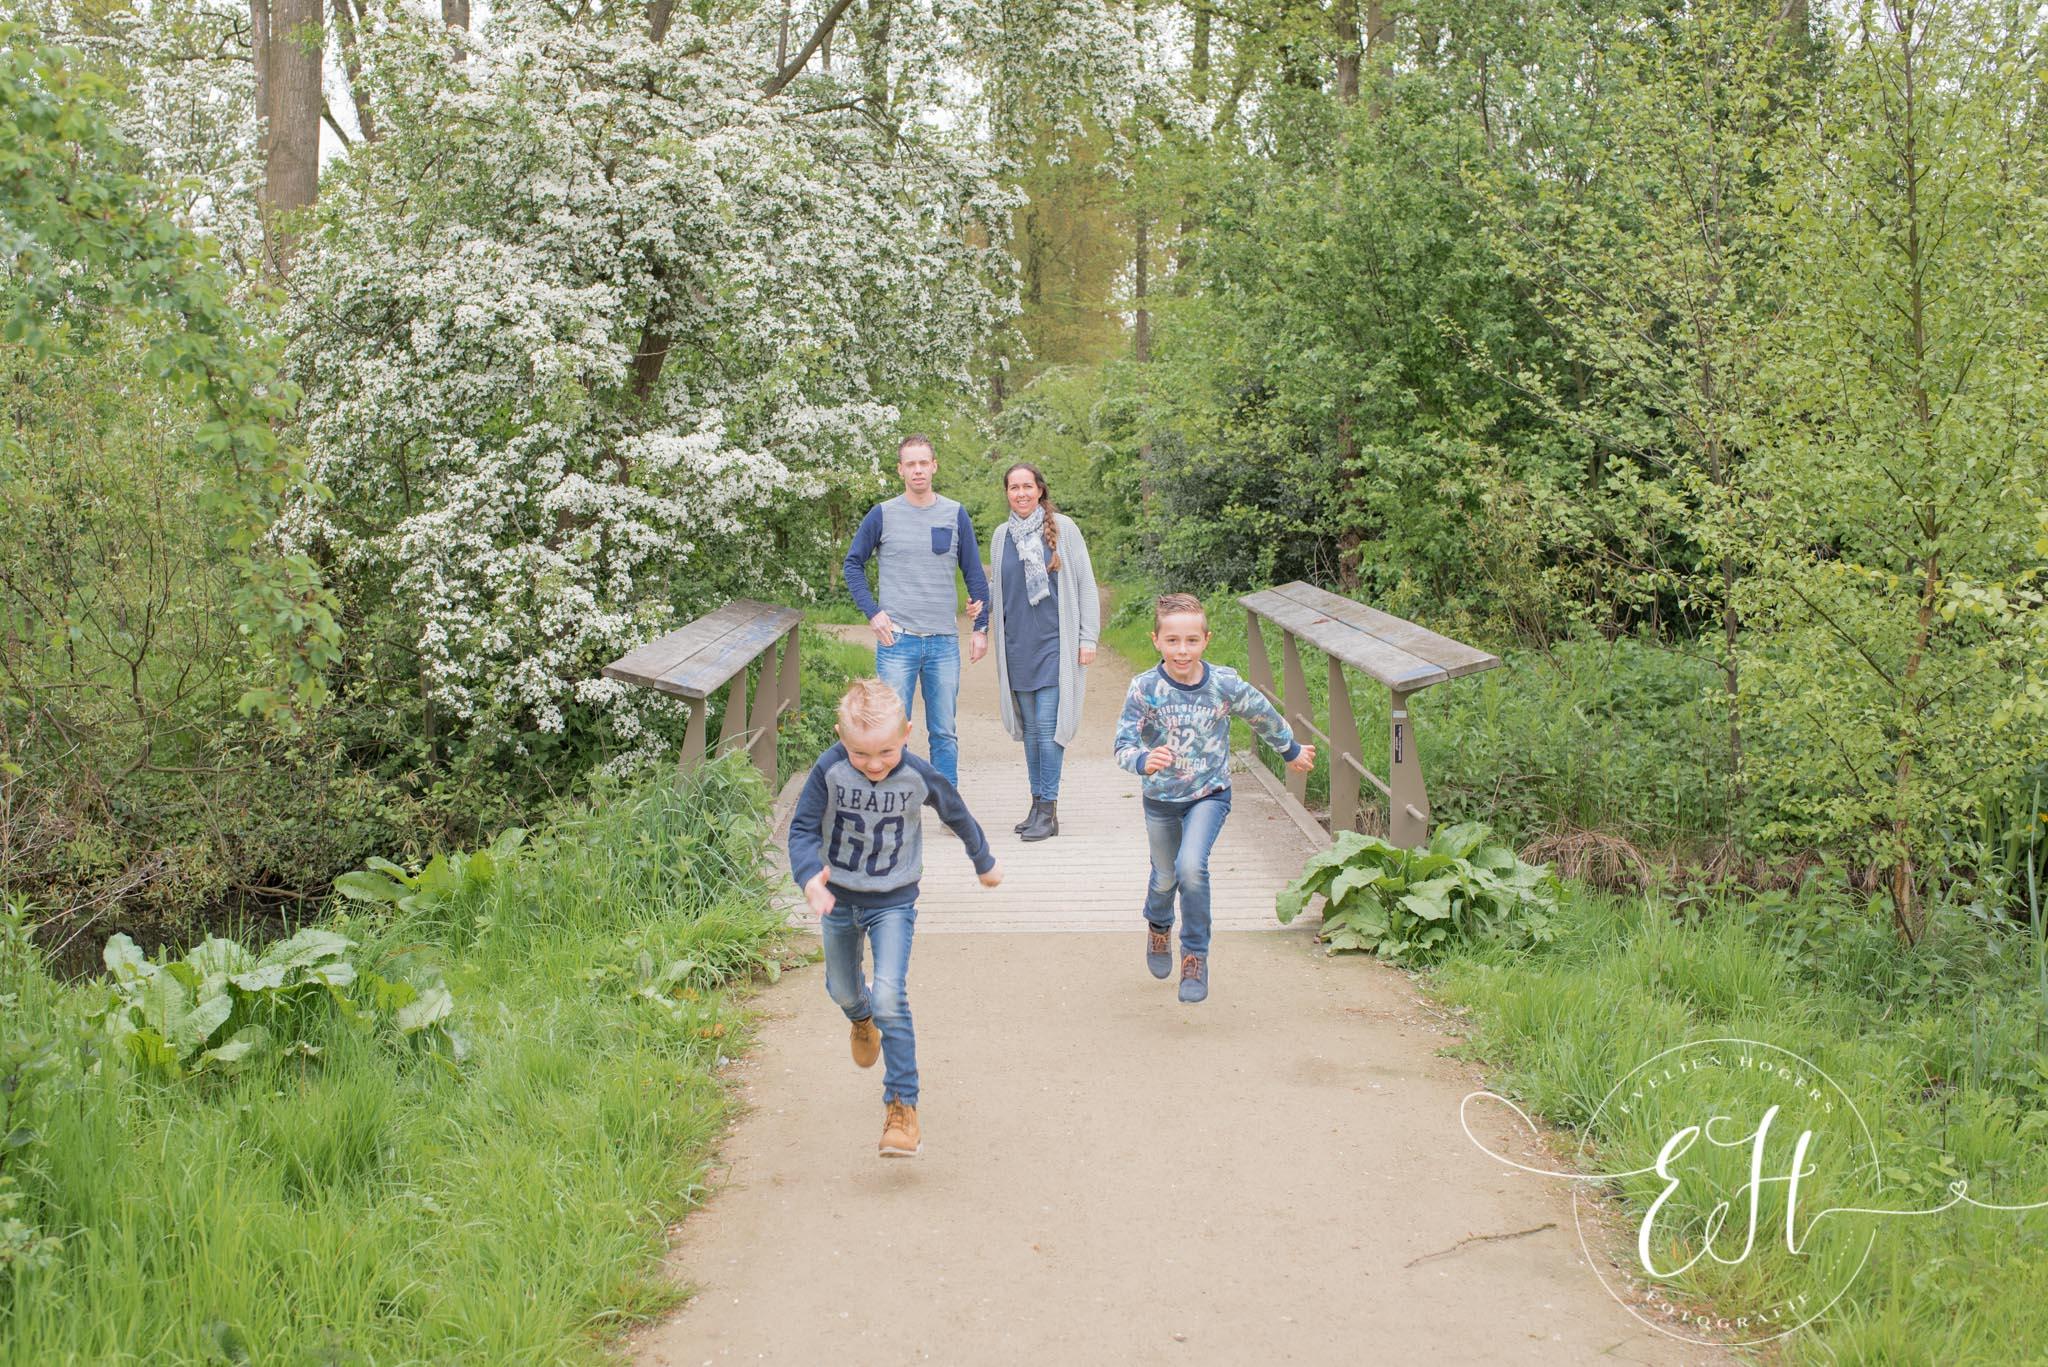 evelienhogersfotografie_Kalfjeslaan_amstelveen_familiefotografie-11.jpg